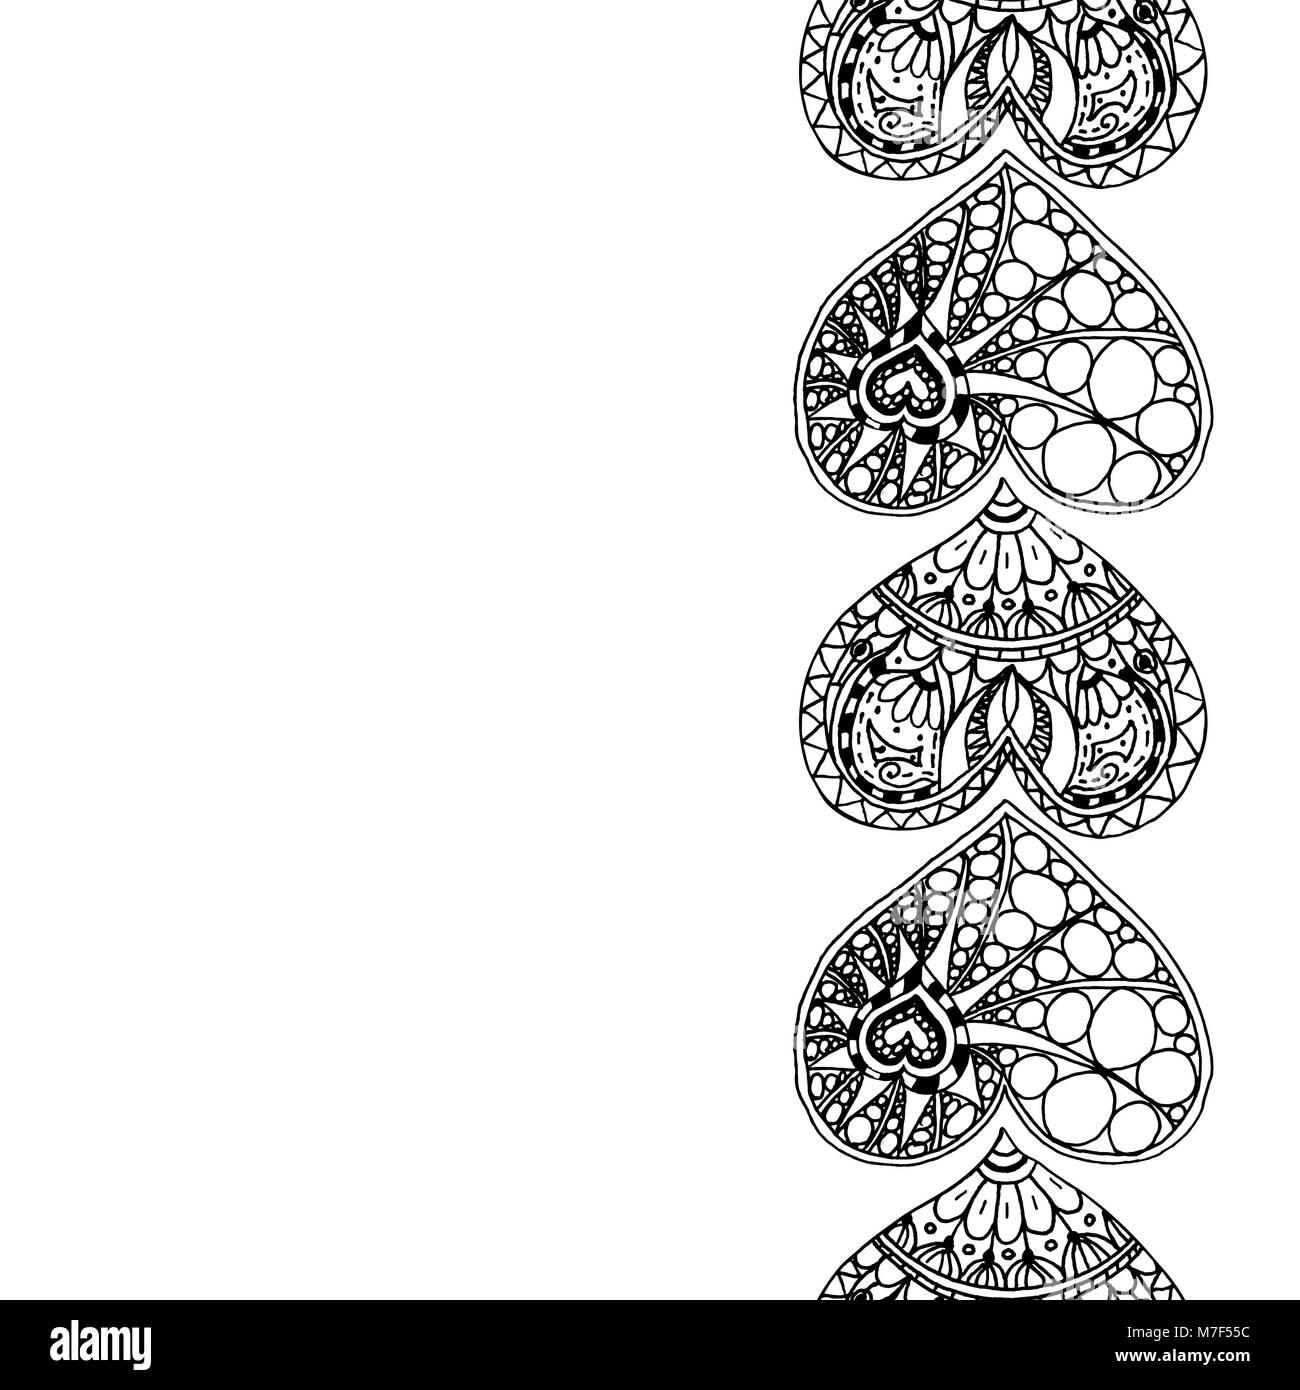 Vector decorativo borde vertical del dibujo a mano alzada, corazones ...